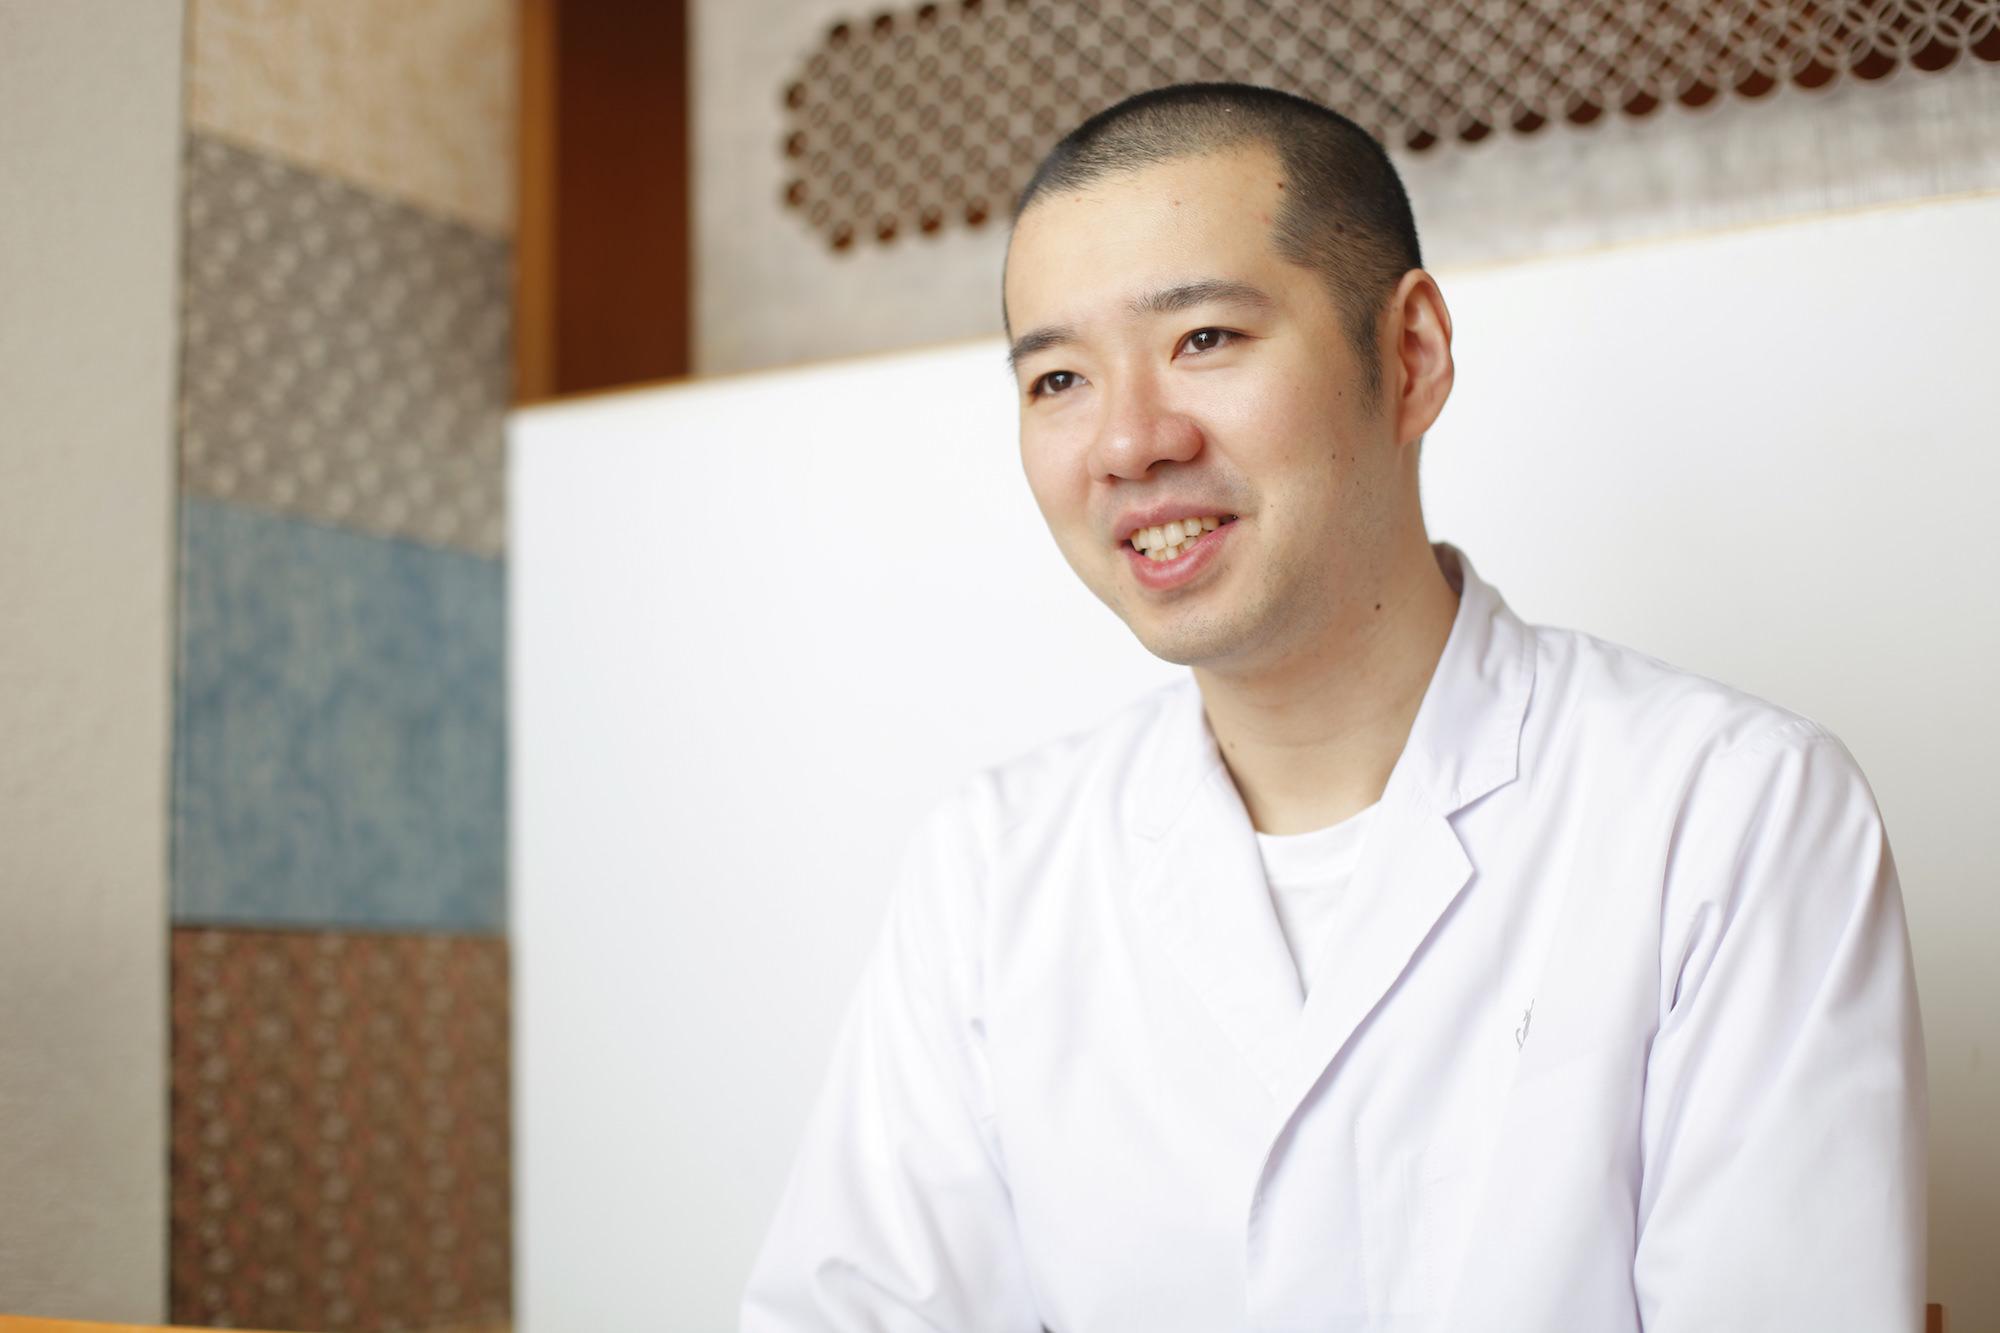 Ren Atsushi Mishina